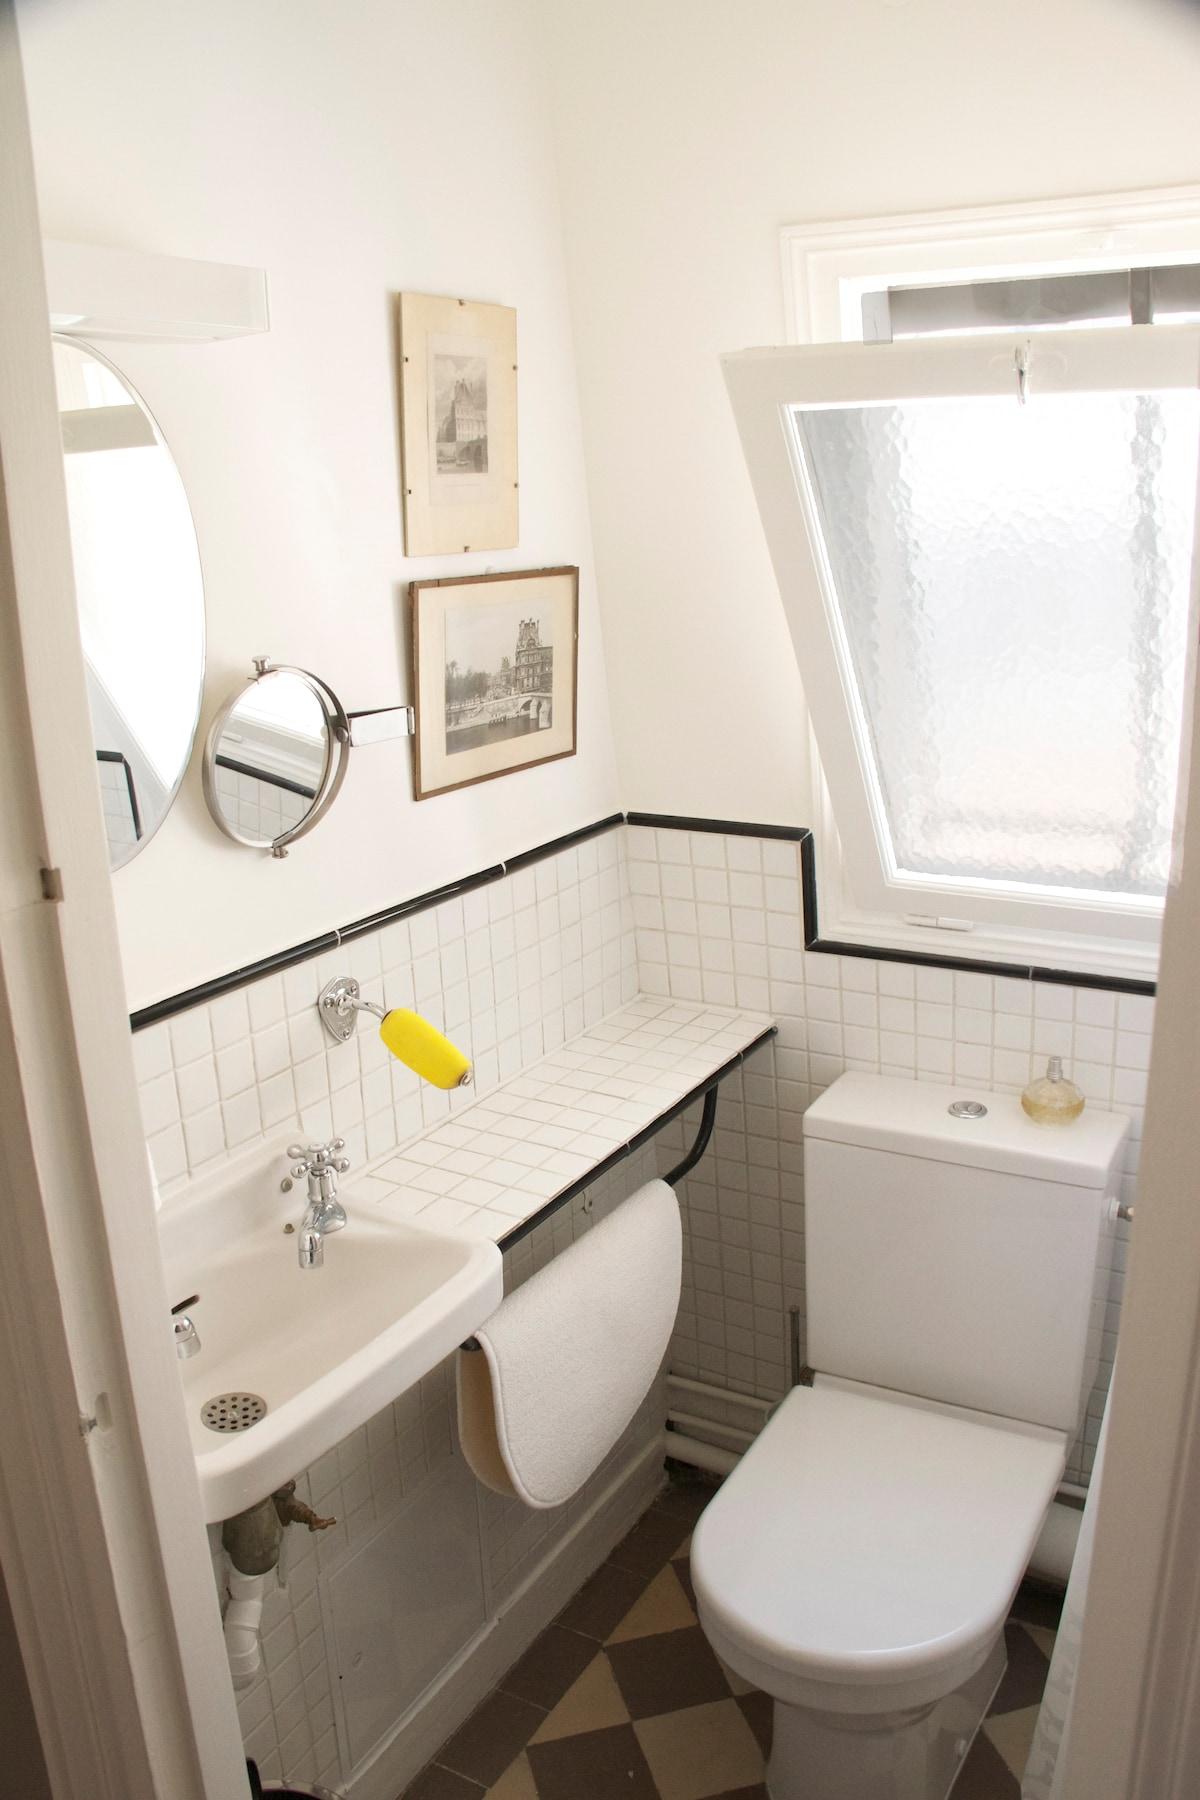 shower room with toilets salle d'eau: 1douche , 1 toilette, 1 lave main. Lumière du jour (daylight)